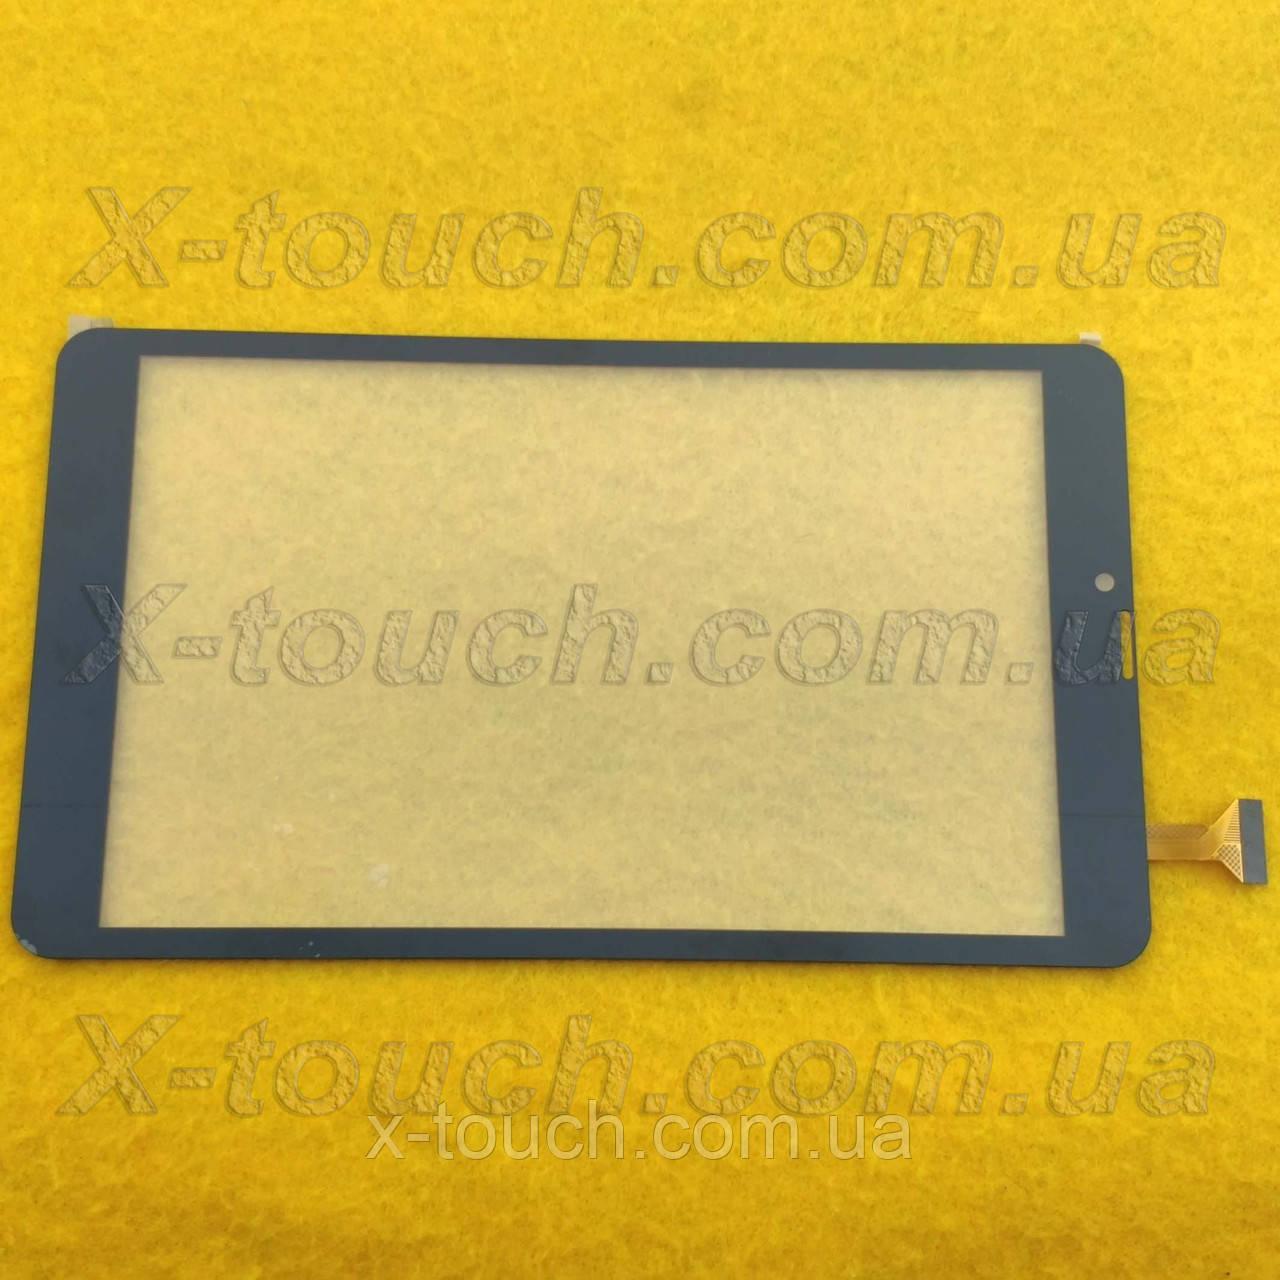 Тачскрін, сенсор Glofiish EVO для планшета, чорного кольору.